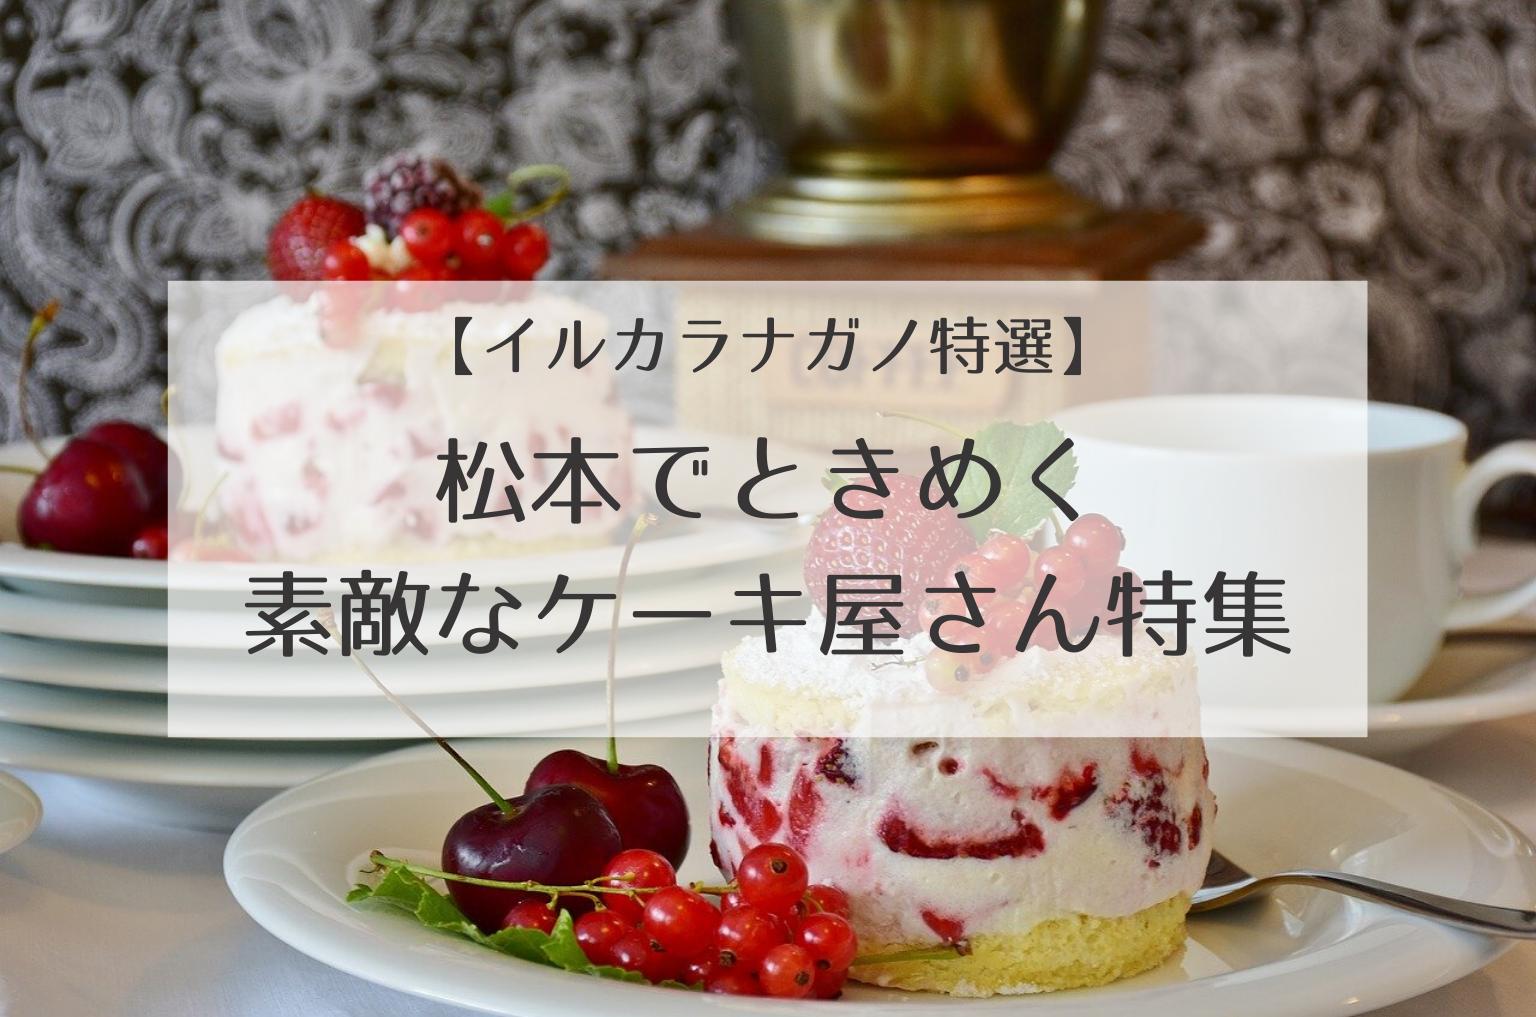 【イルカラ特選】松本市のおすすめケーキ屋さん30店